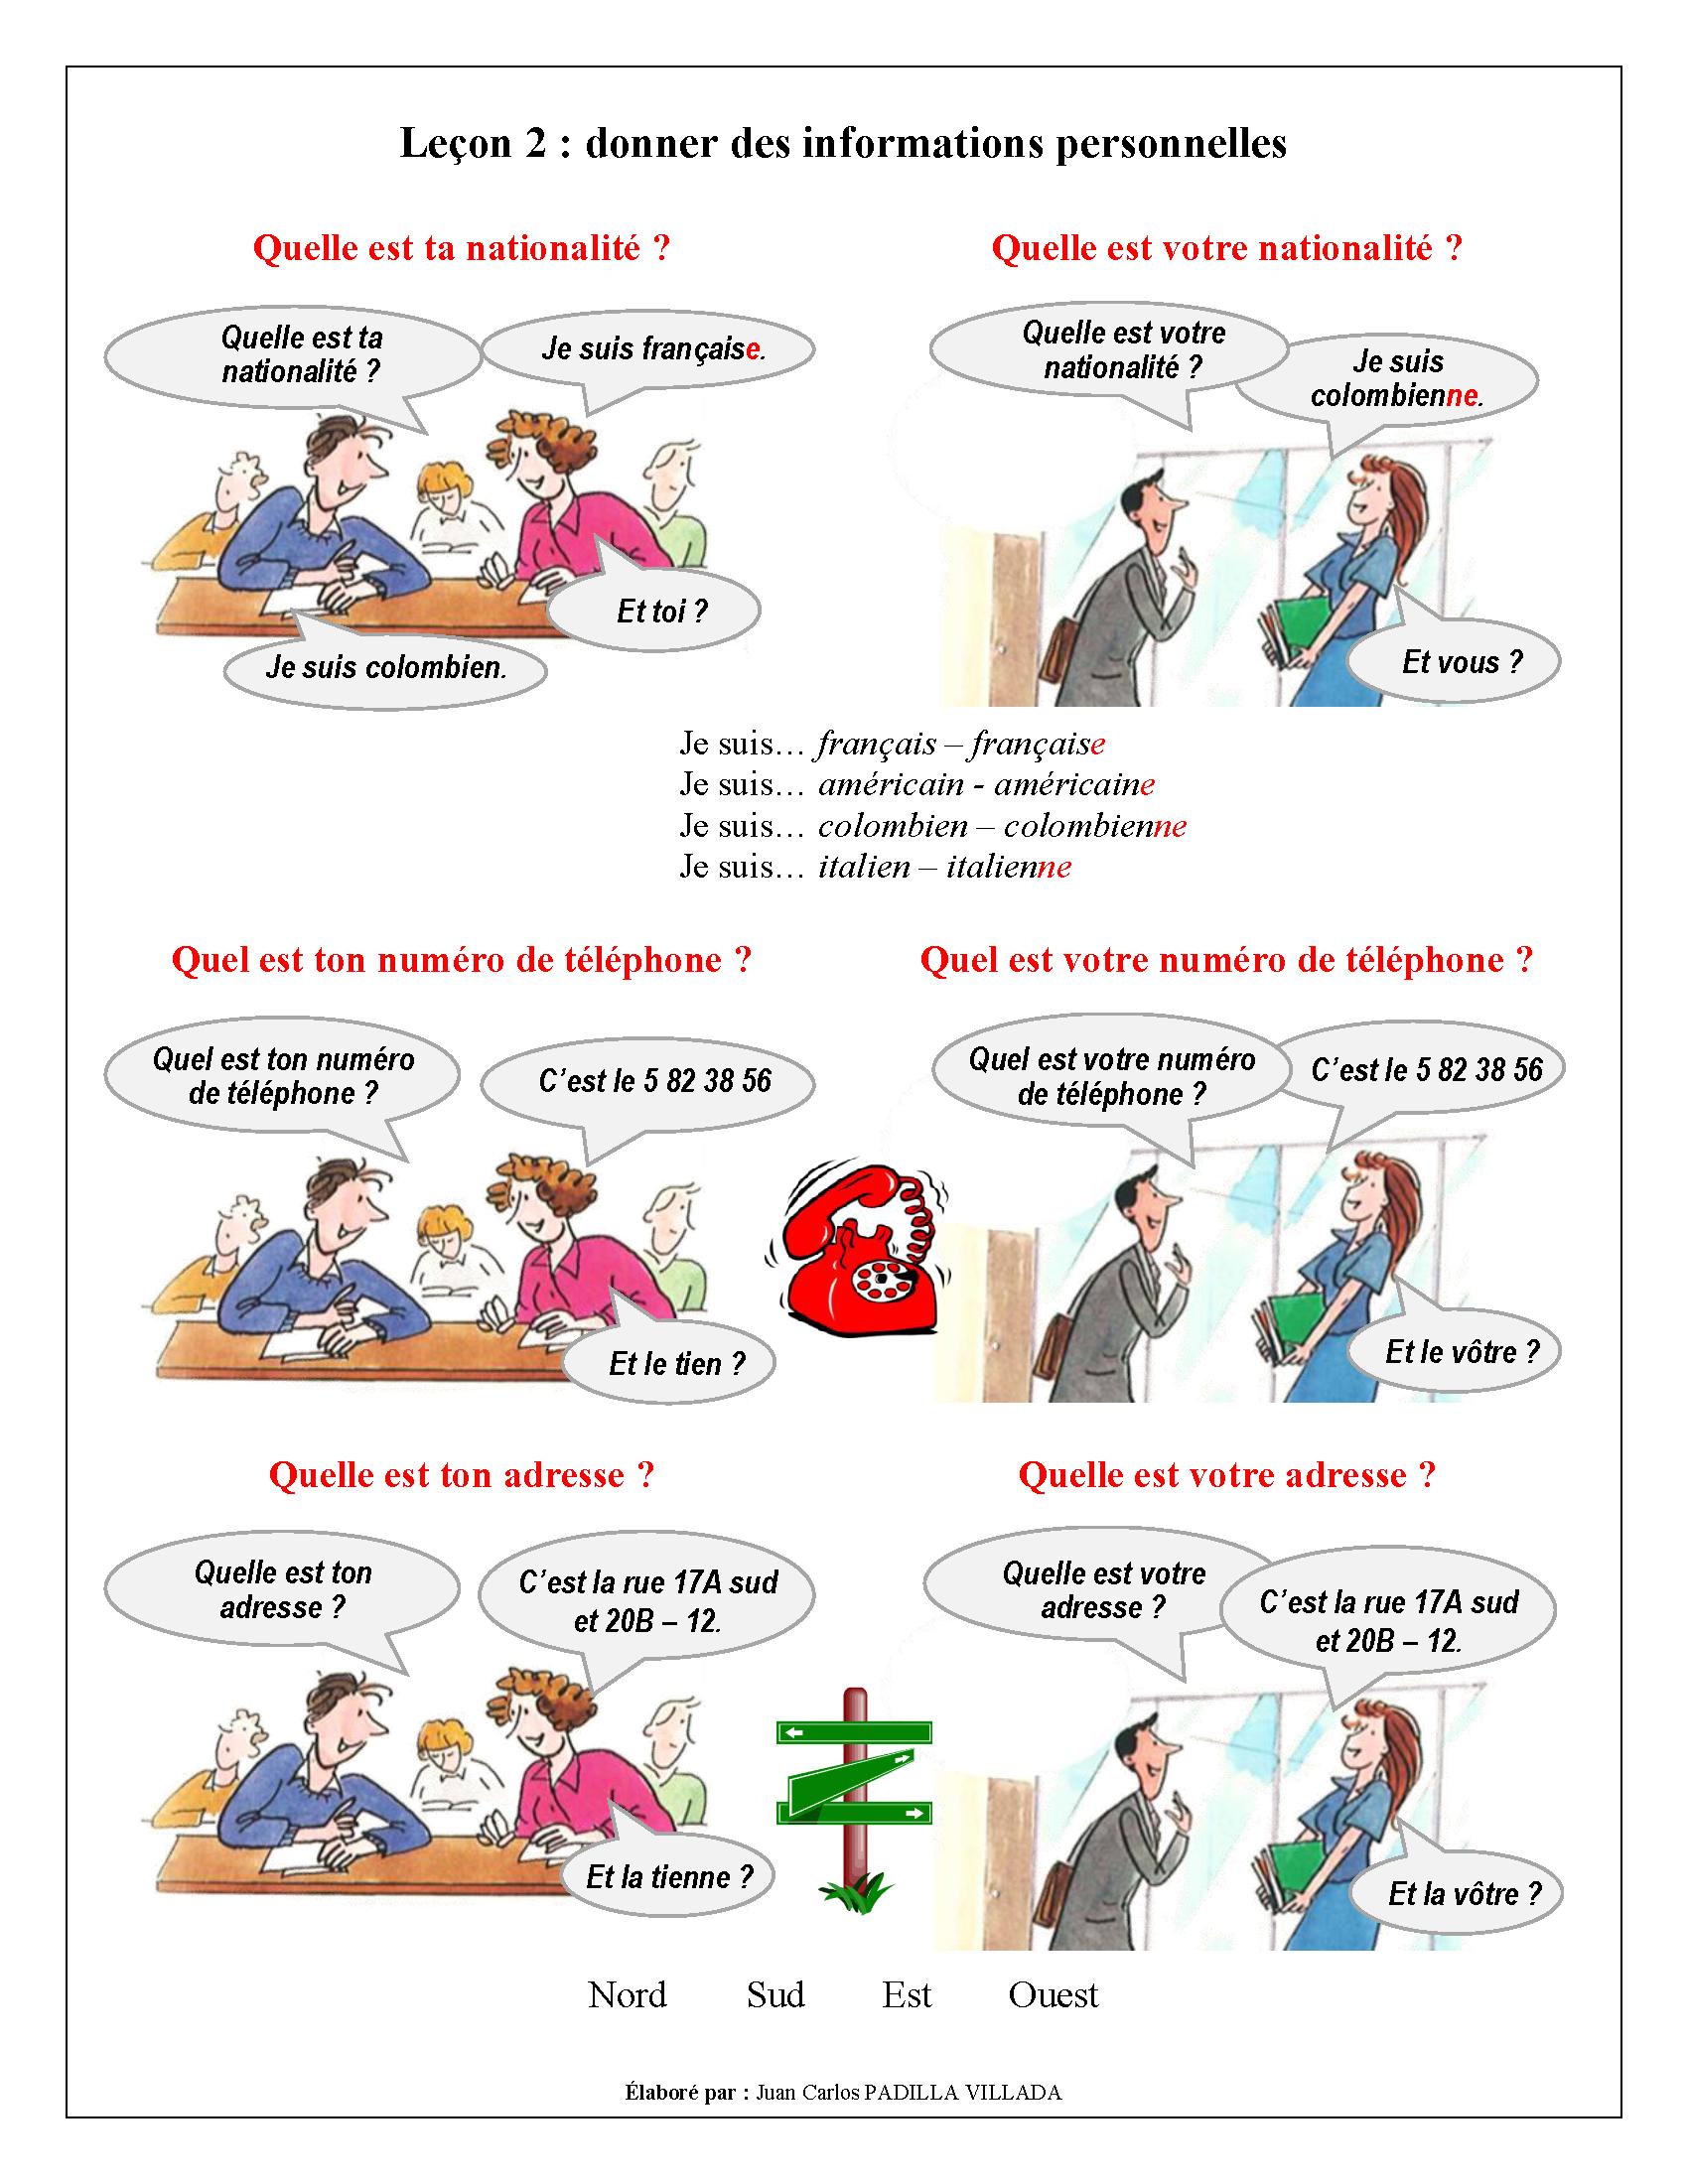 FLE - Leçon 2 - Donner des informations personnelles - Page 1 | Leçons de Français | Vocabulaire ...